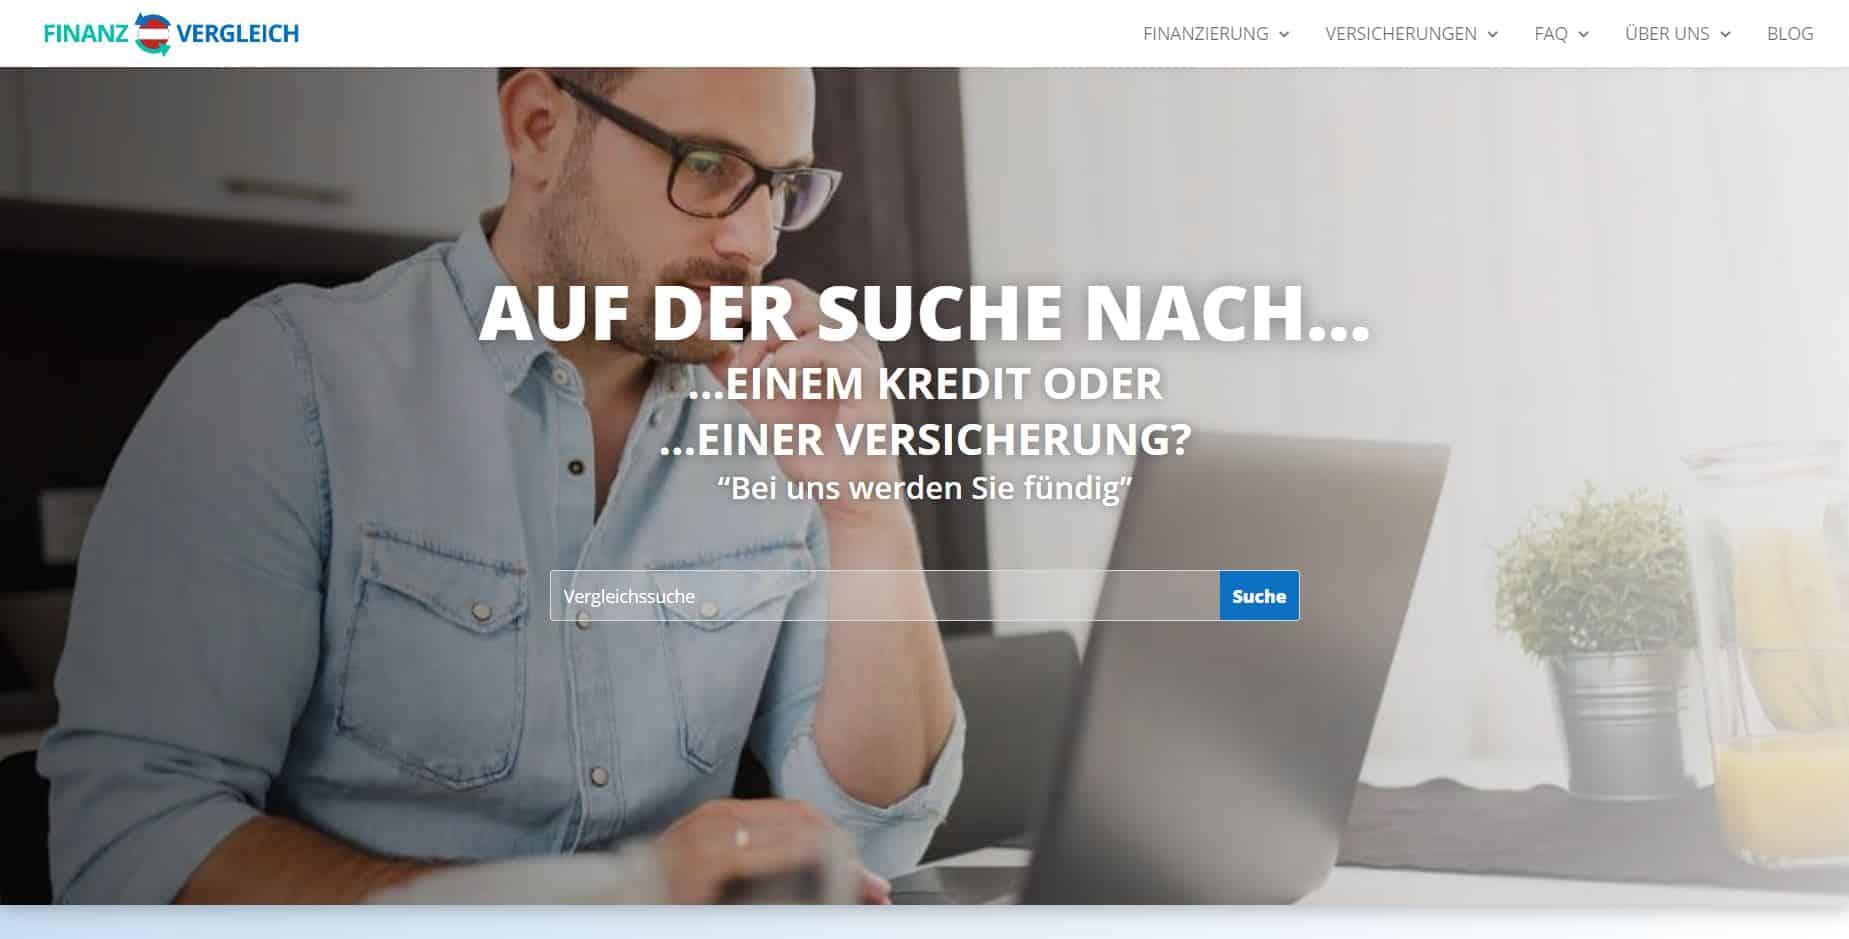 Website finanz-vergleich.at